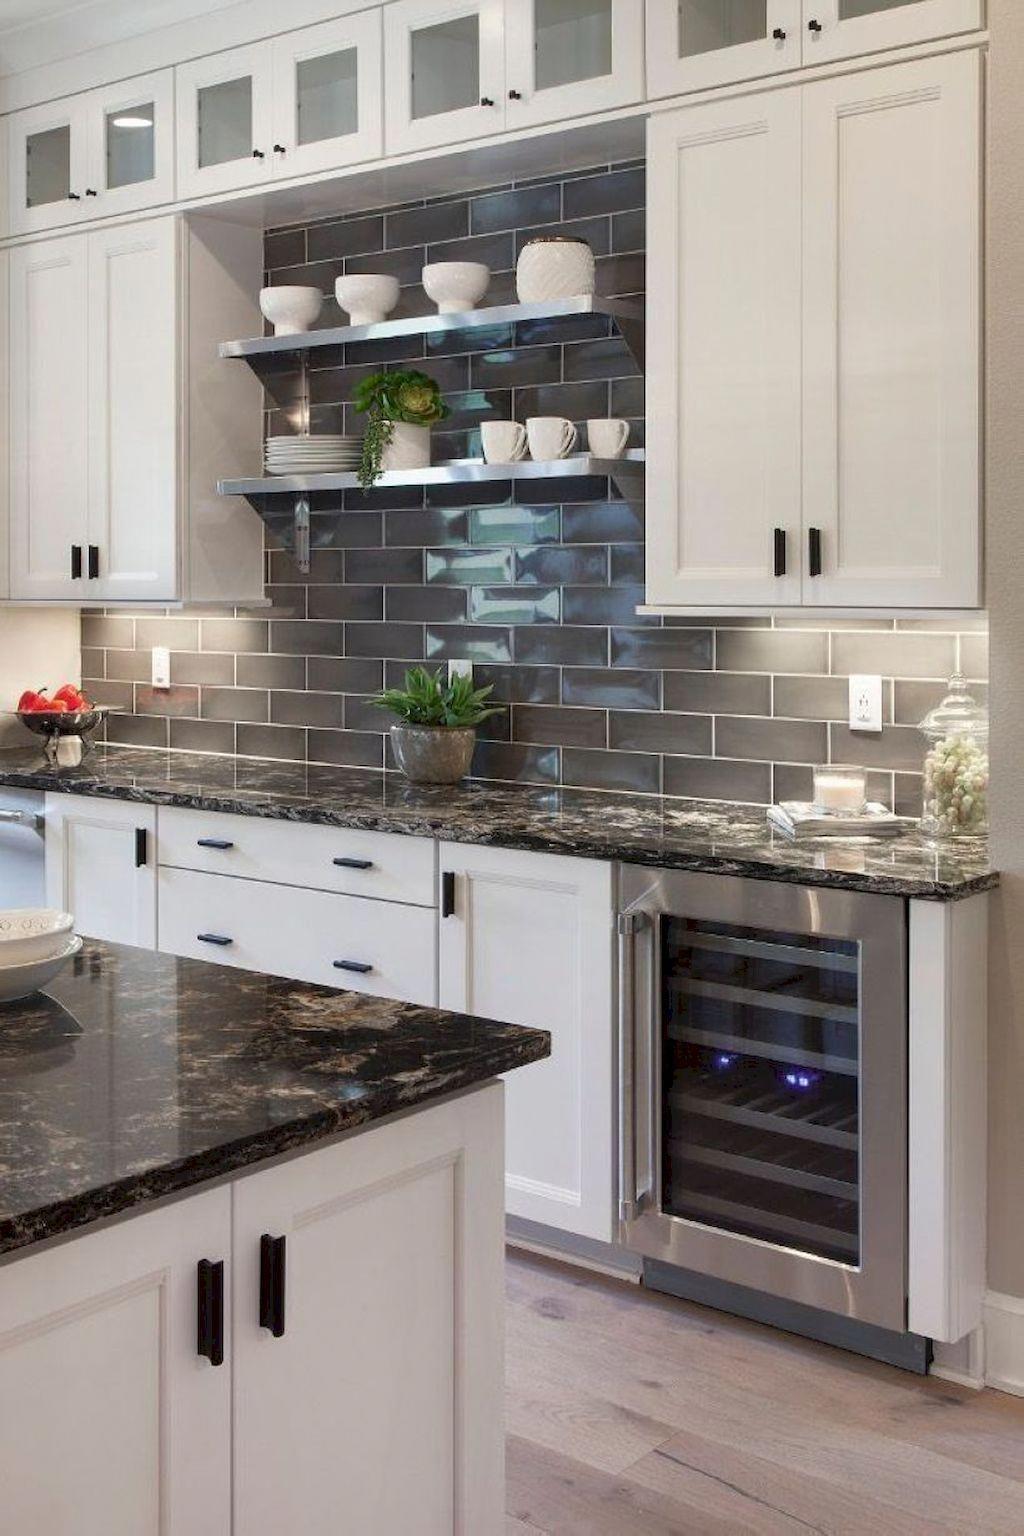 Primitive Home Decor Red Kitchen Decor Accessories Red Black